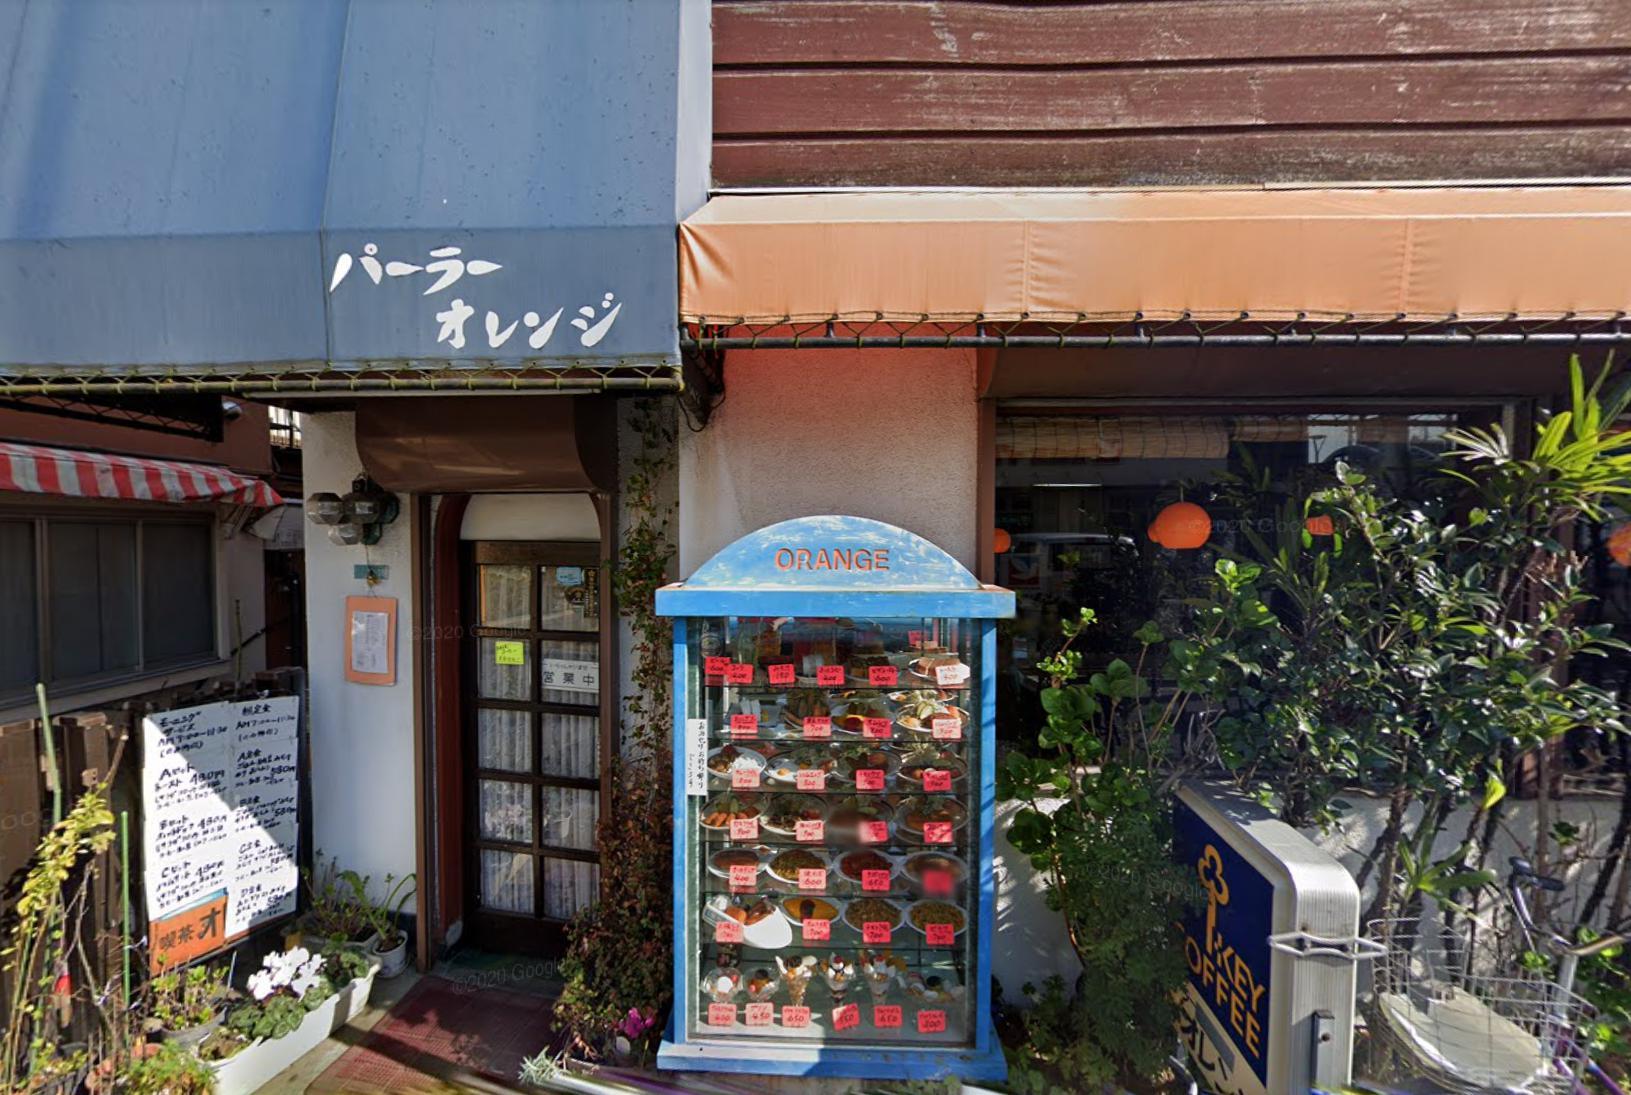 北千住の占いカフェ「パーラー オレンジ」